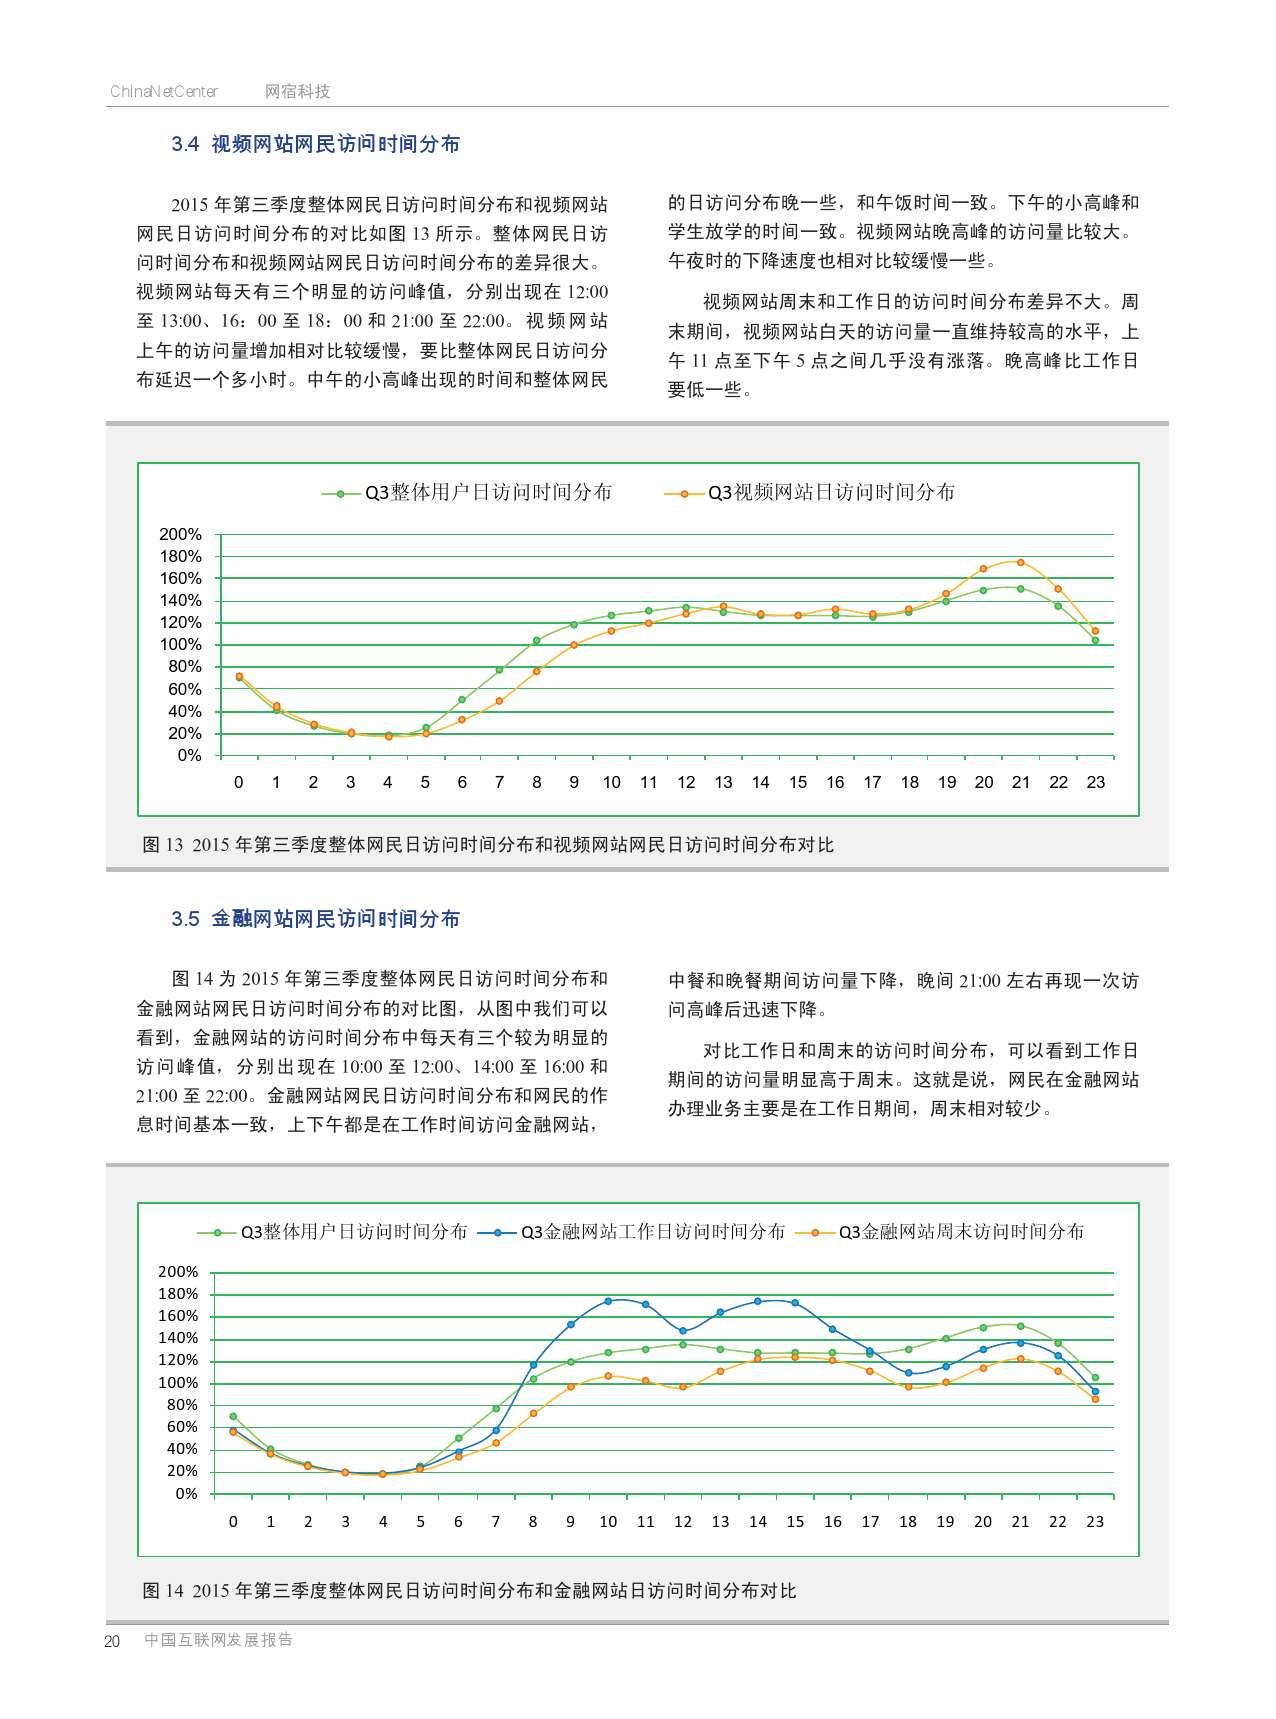 网宿:2015年Q3互联网报告_000019